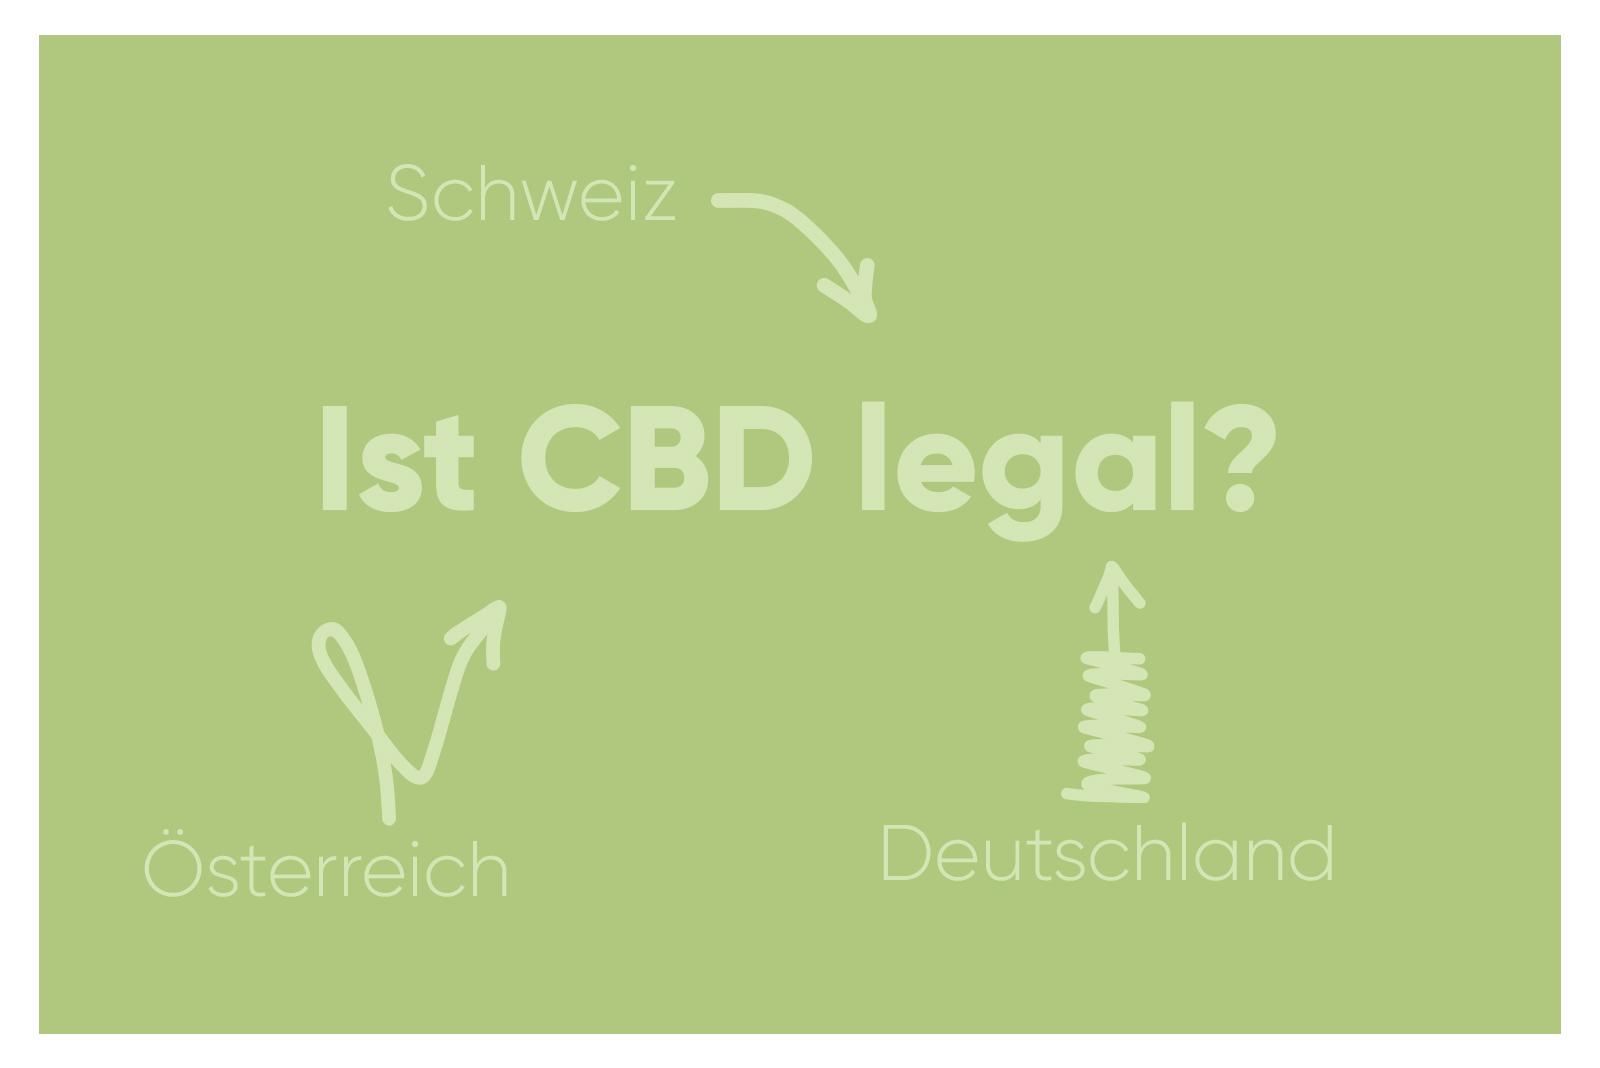 Deutschland, Österreich, Schweiz - ist CBD überall legal?